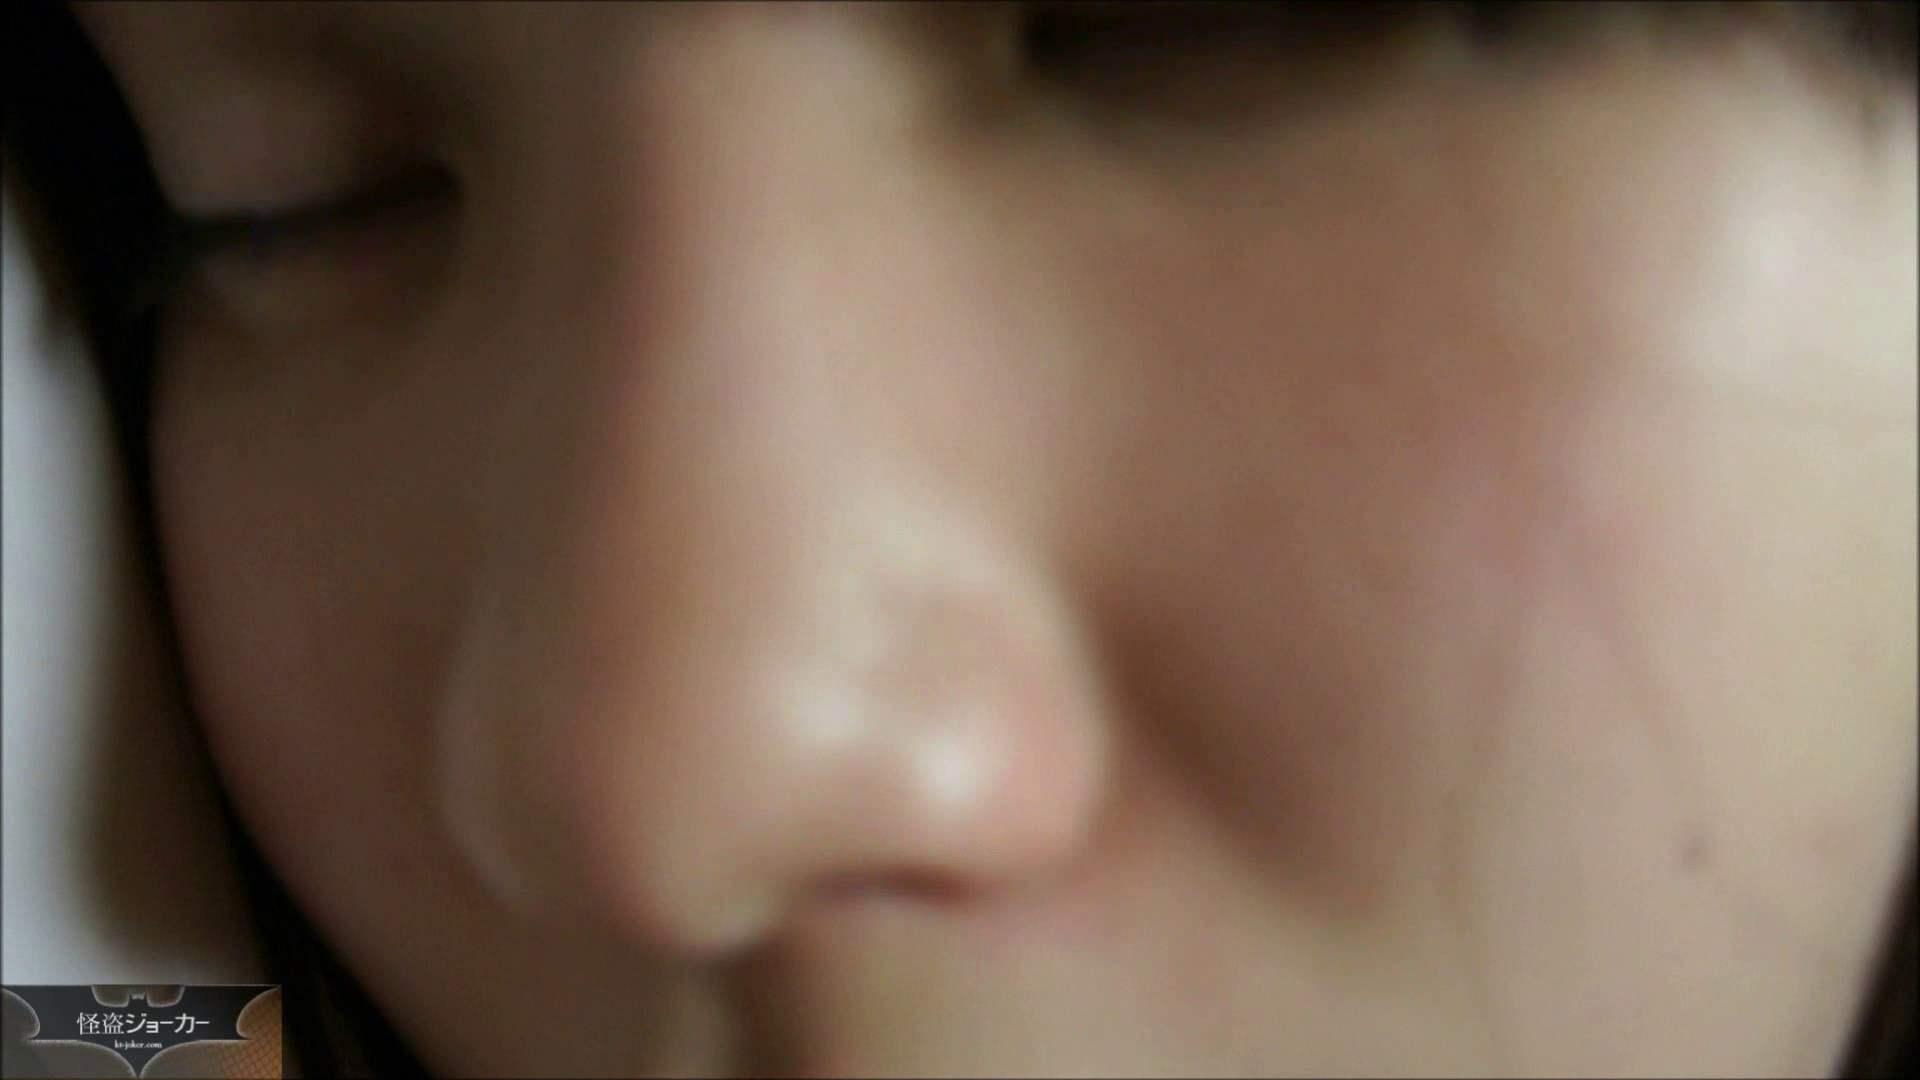 【未公開】vol.28 【前編】旅先で寝乱れ・・・小春。 いじくり アダルト動画キャプチャ 81画像 19